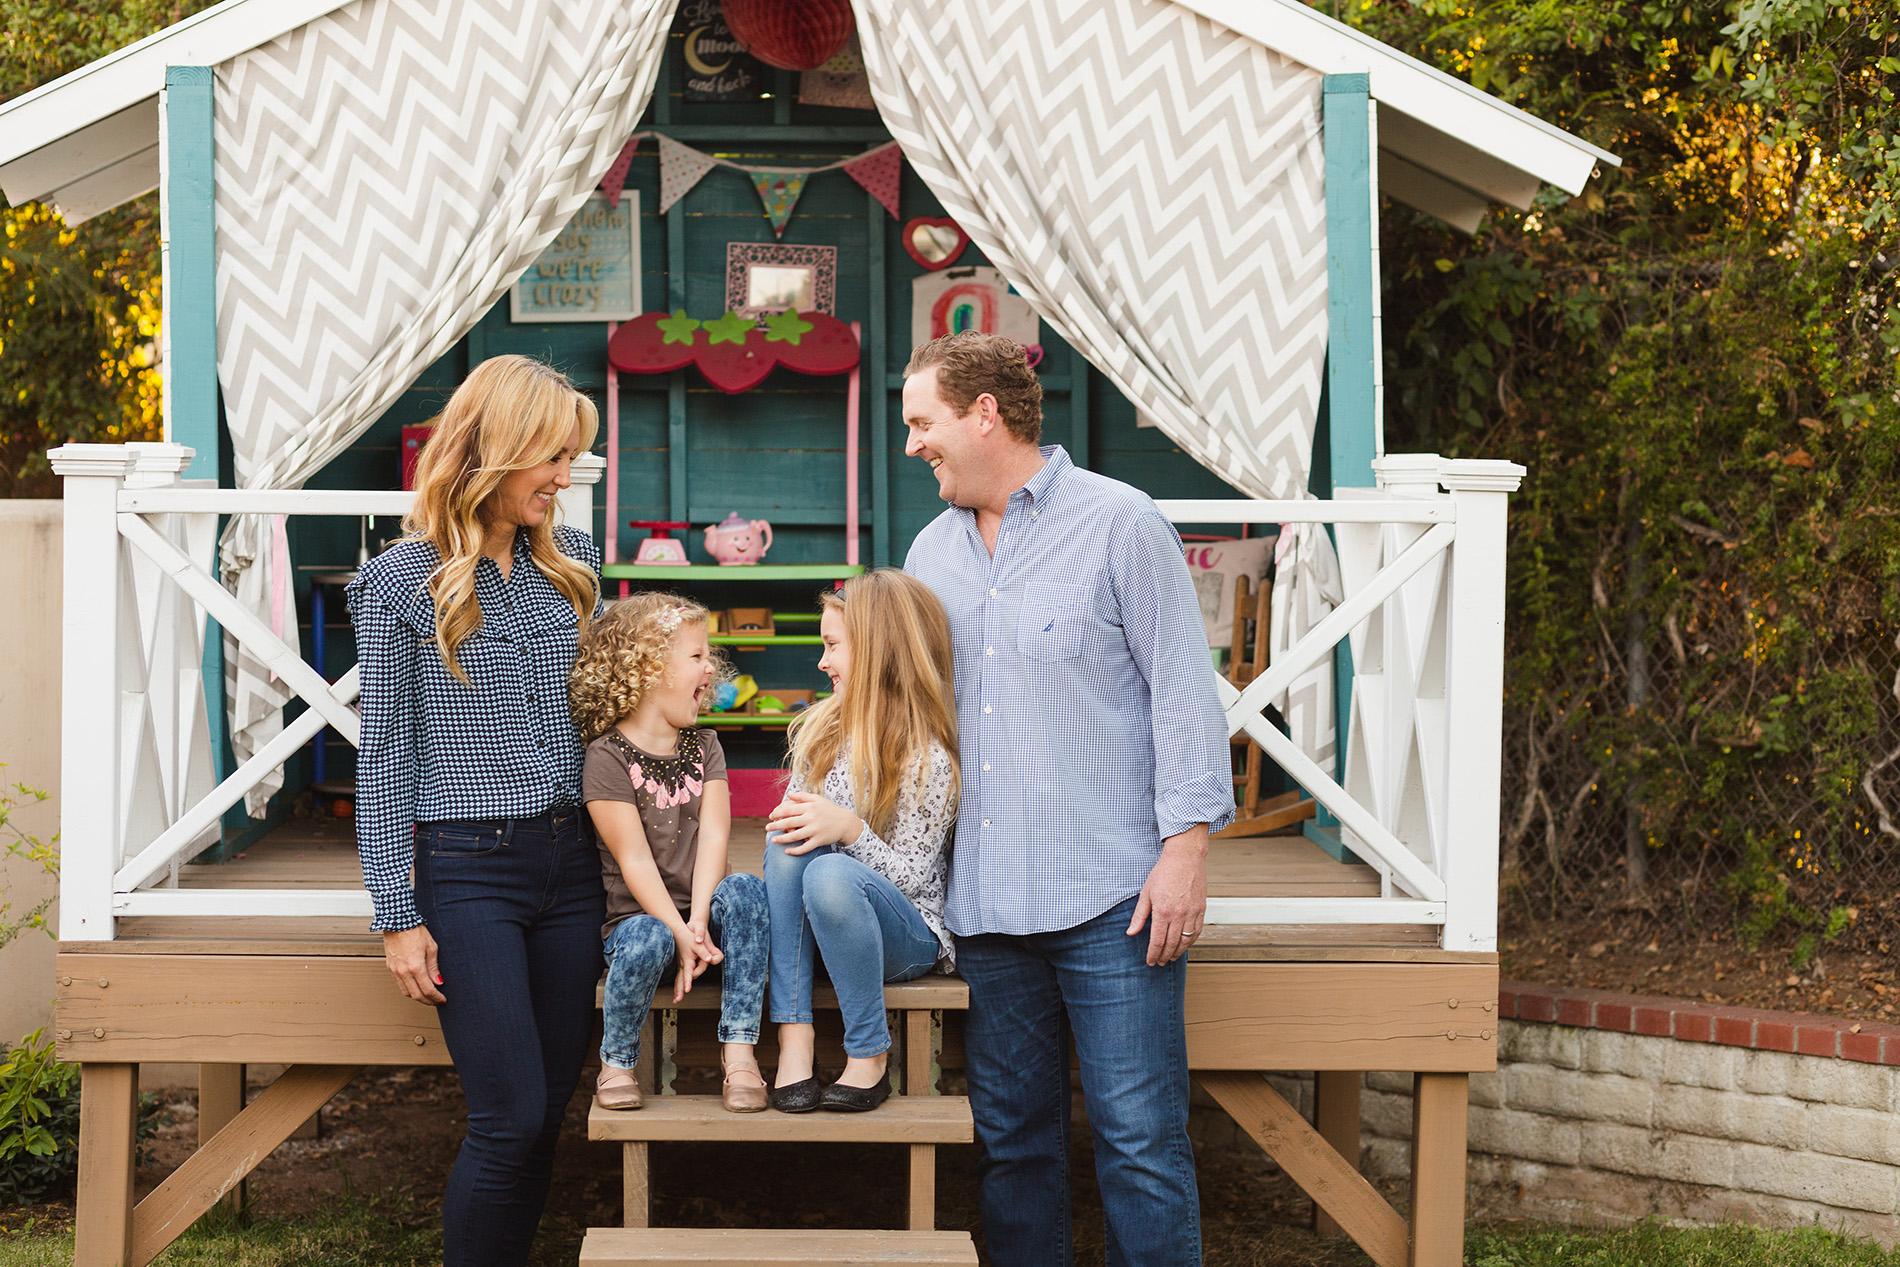 San Diego Family Photographer Christine Dammann Photography Holiday Photos.SFWS20.jpg